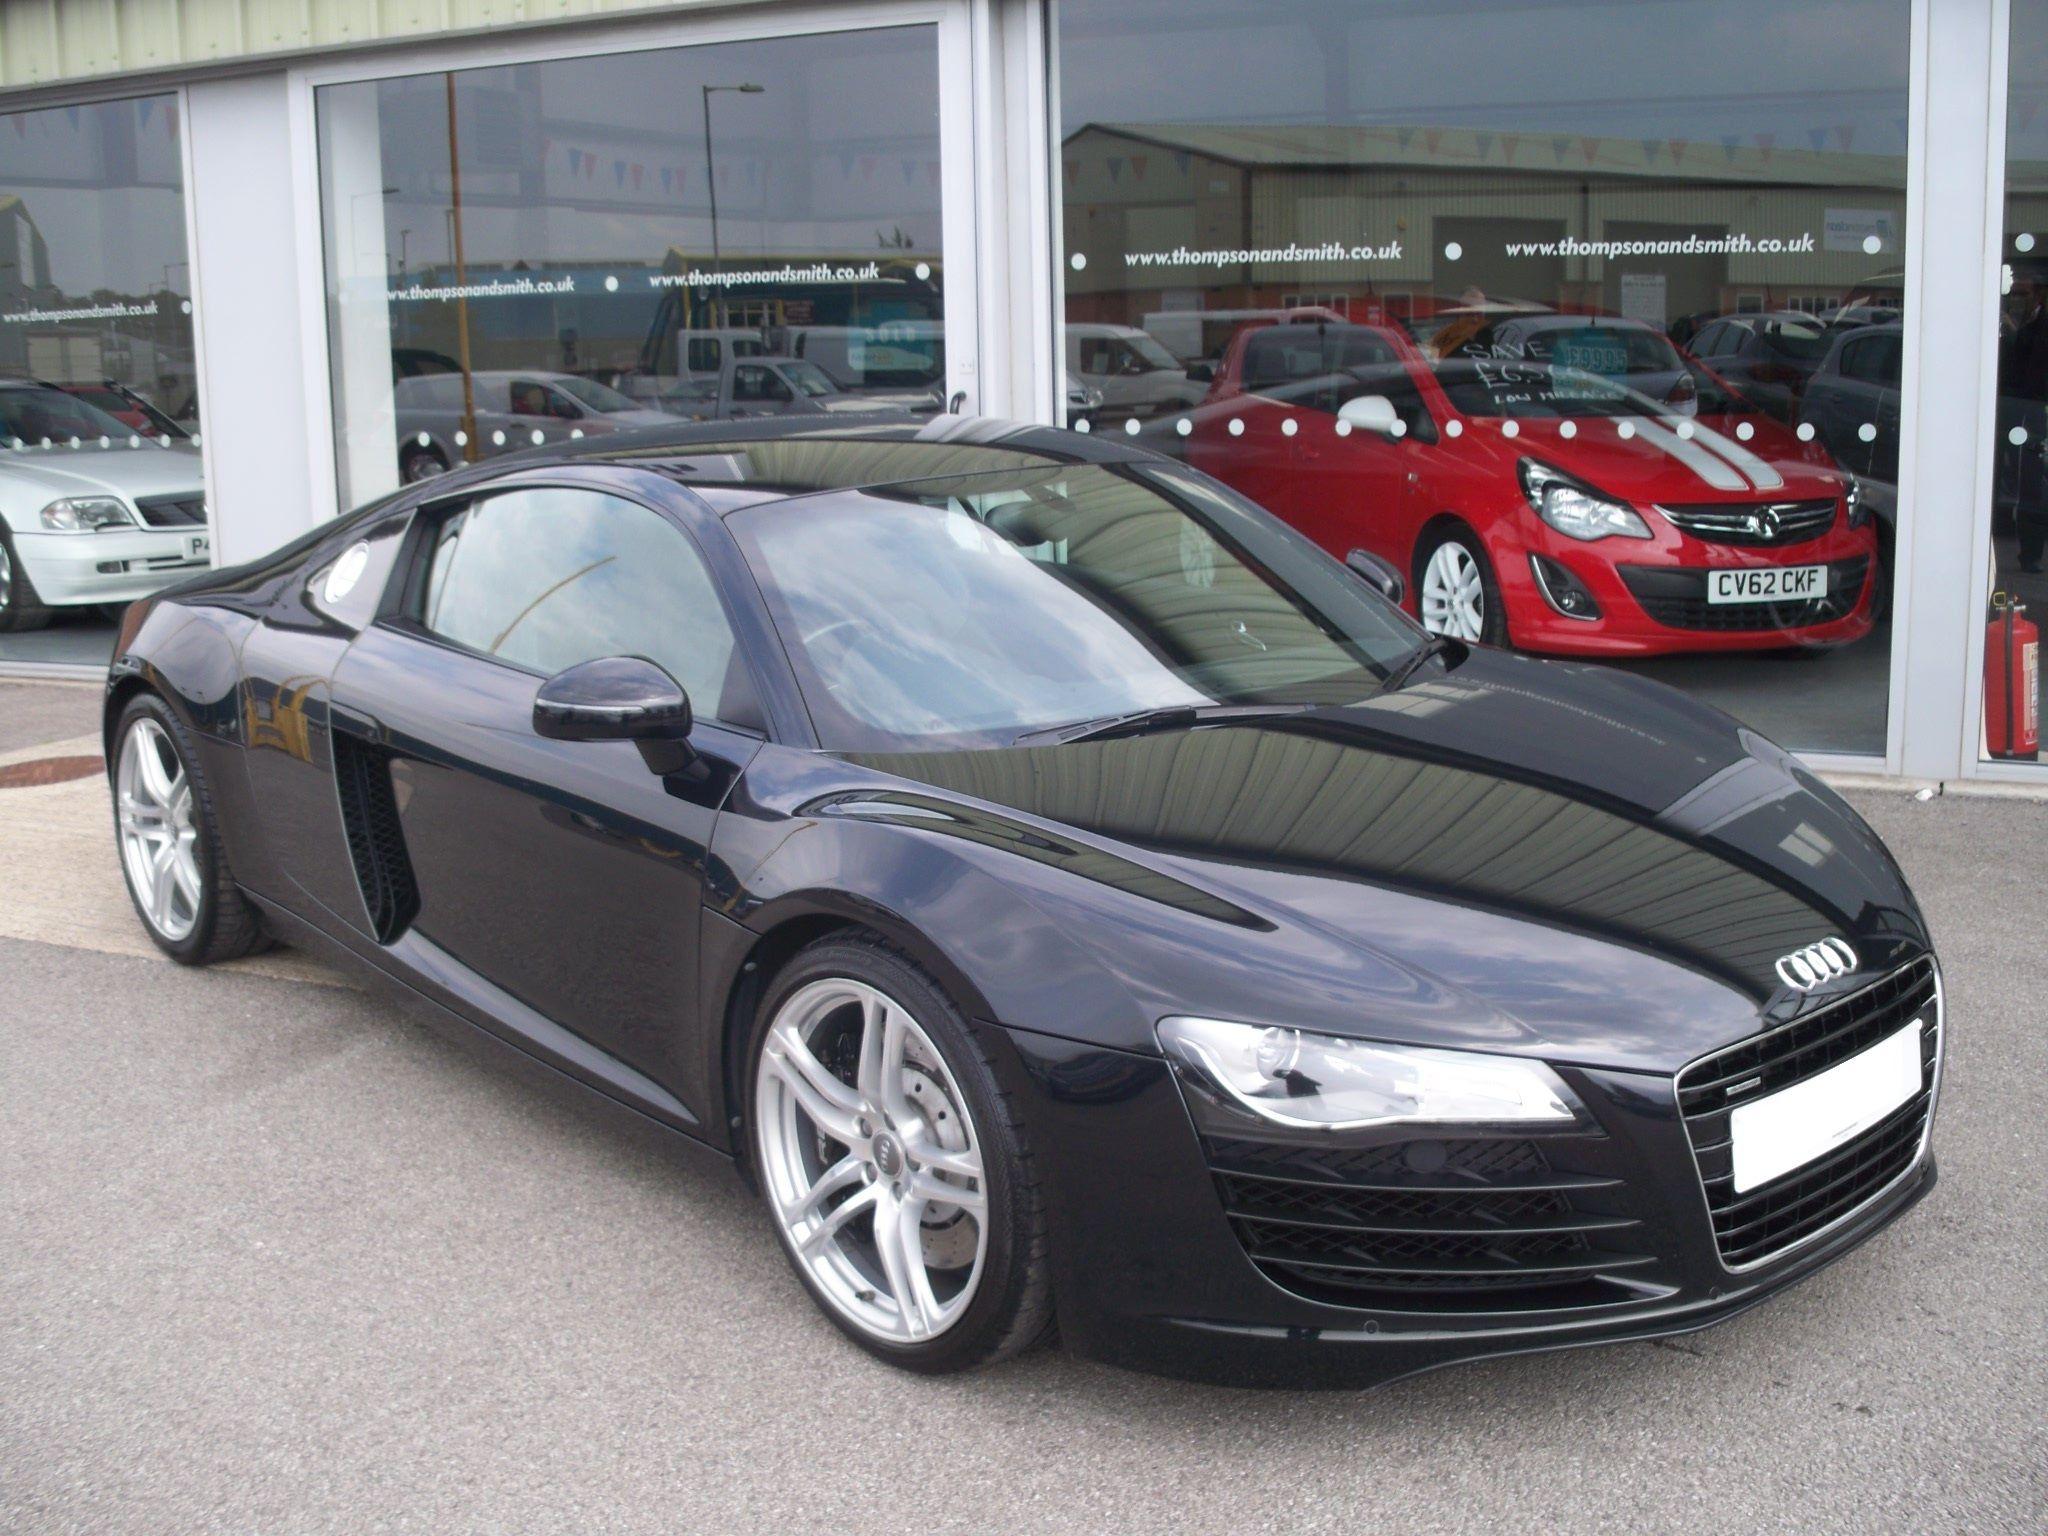 2008 Audi R8 4 2 Quattro At Www Woldsideclassics Co Uk Classic Sports Cars Sports Cars For Sale Sports Cars